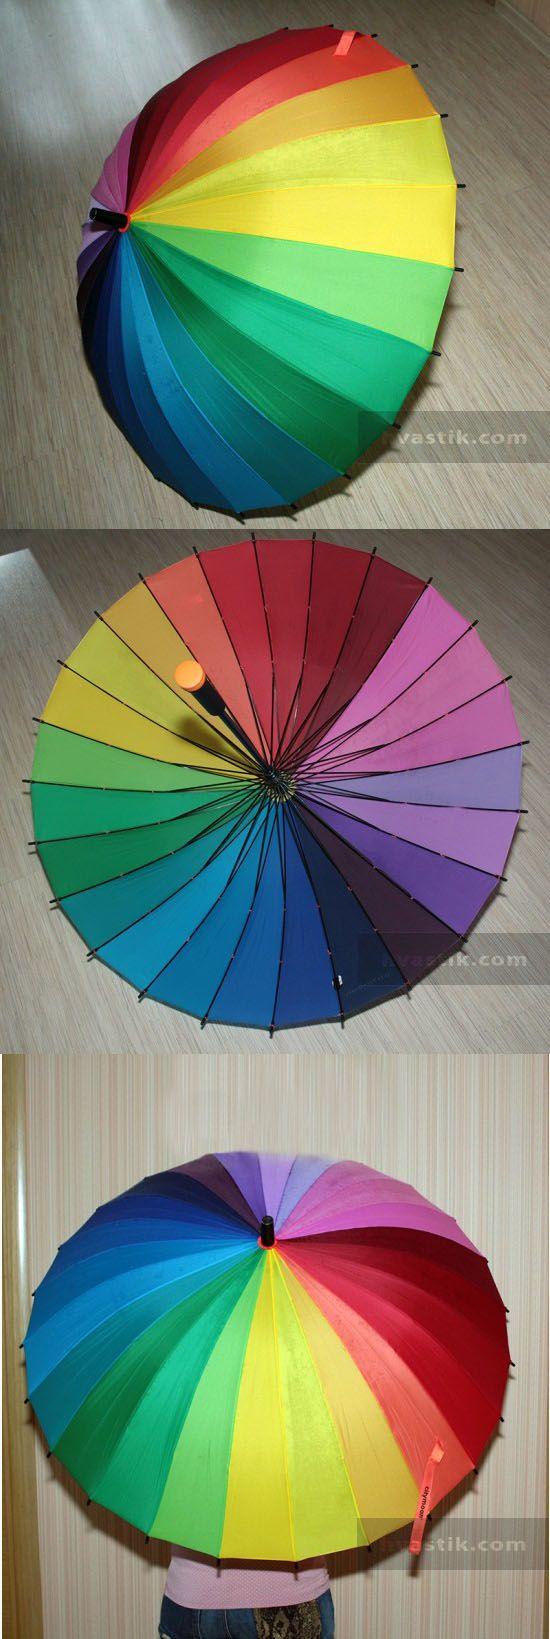 Отзыв о покупке радужного зонта с #aliexpress, #алиэкспресс, #зонт